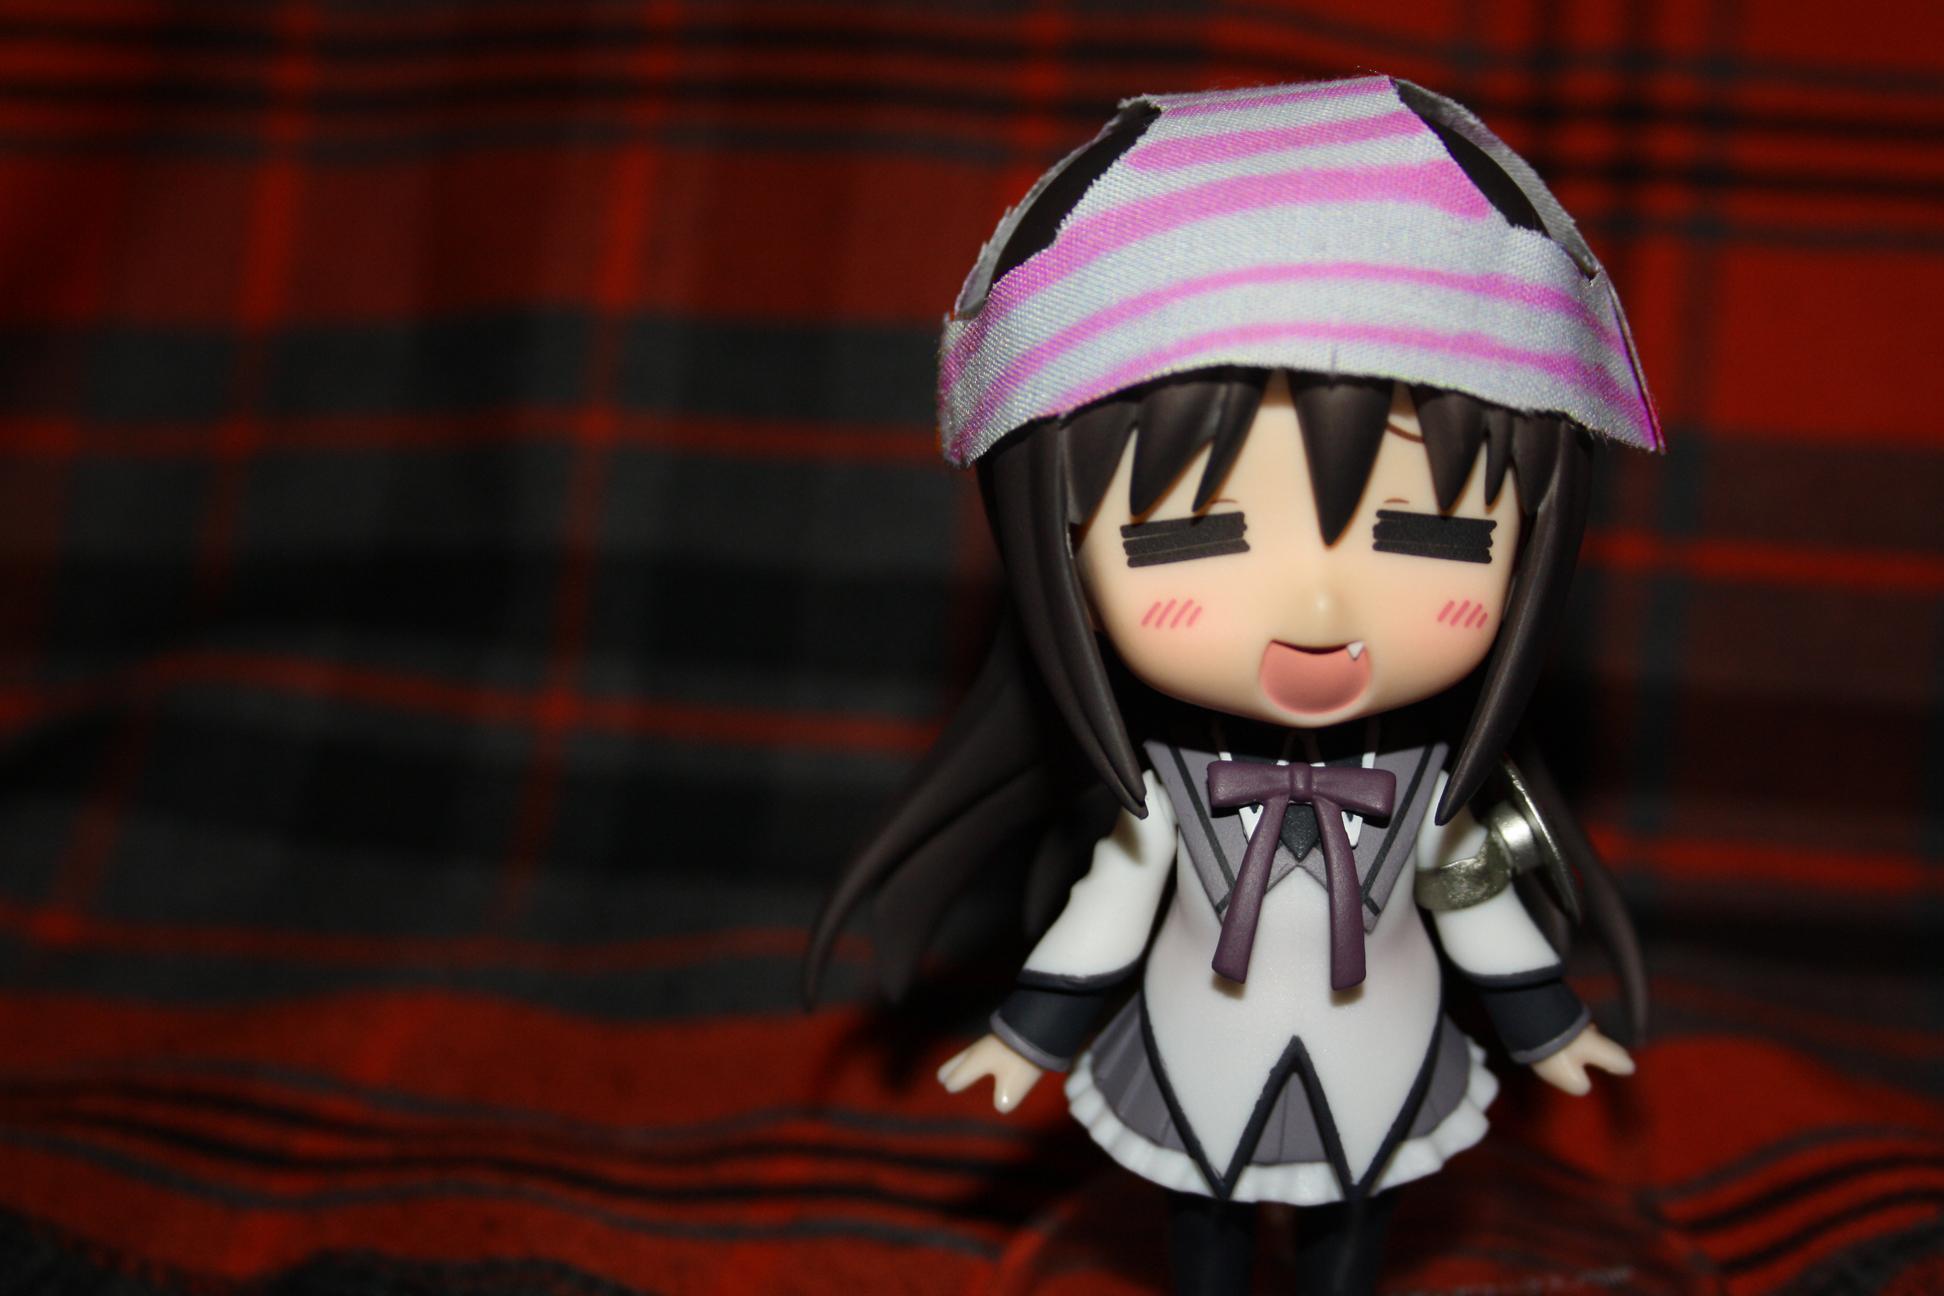 hat striped_panties panties pink_panties nendoroid good_smile_company kousaka_kirino ore_no_imouto_ga_konna_ni_kawaii_wake_ga_nai nendoron udono_kazuyoshi katou_gaku mahou_shoujo_madoka★magica akemi_homura